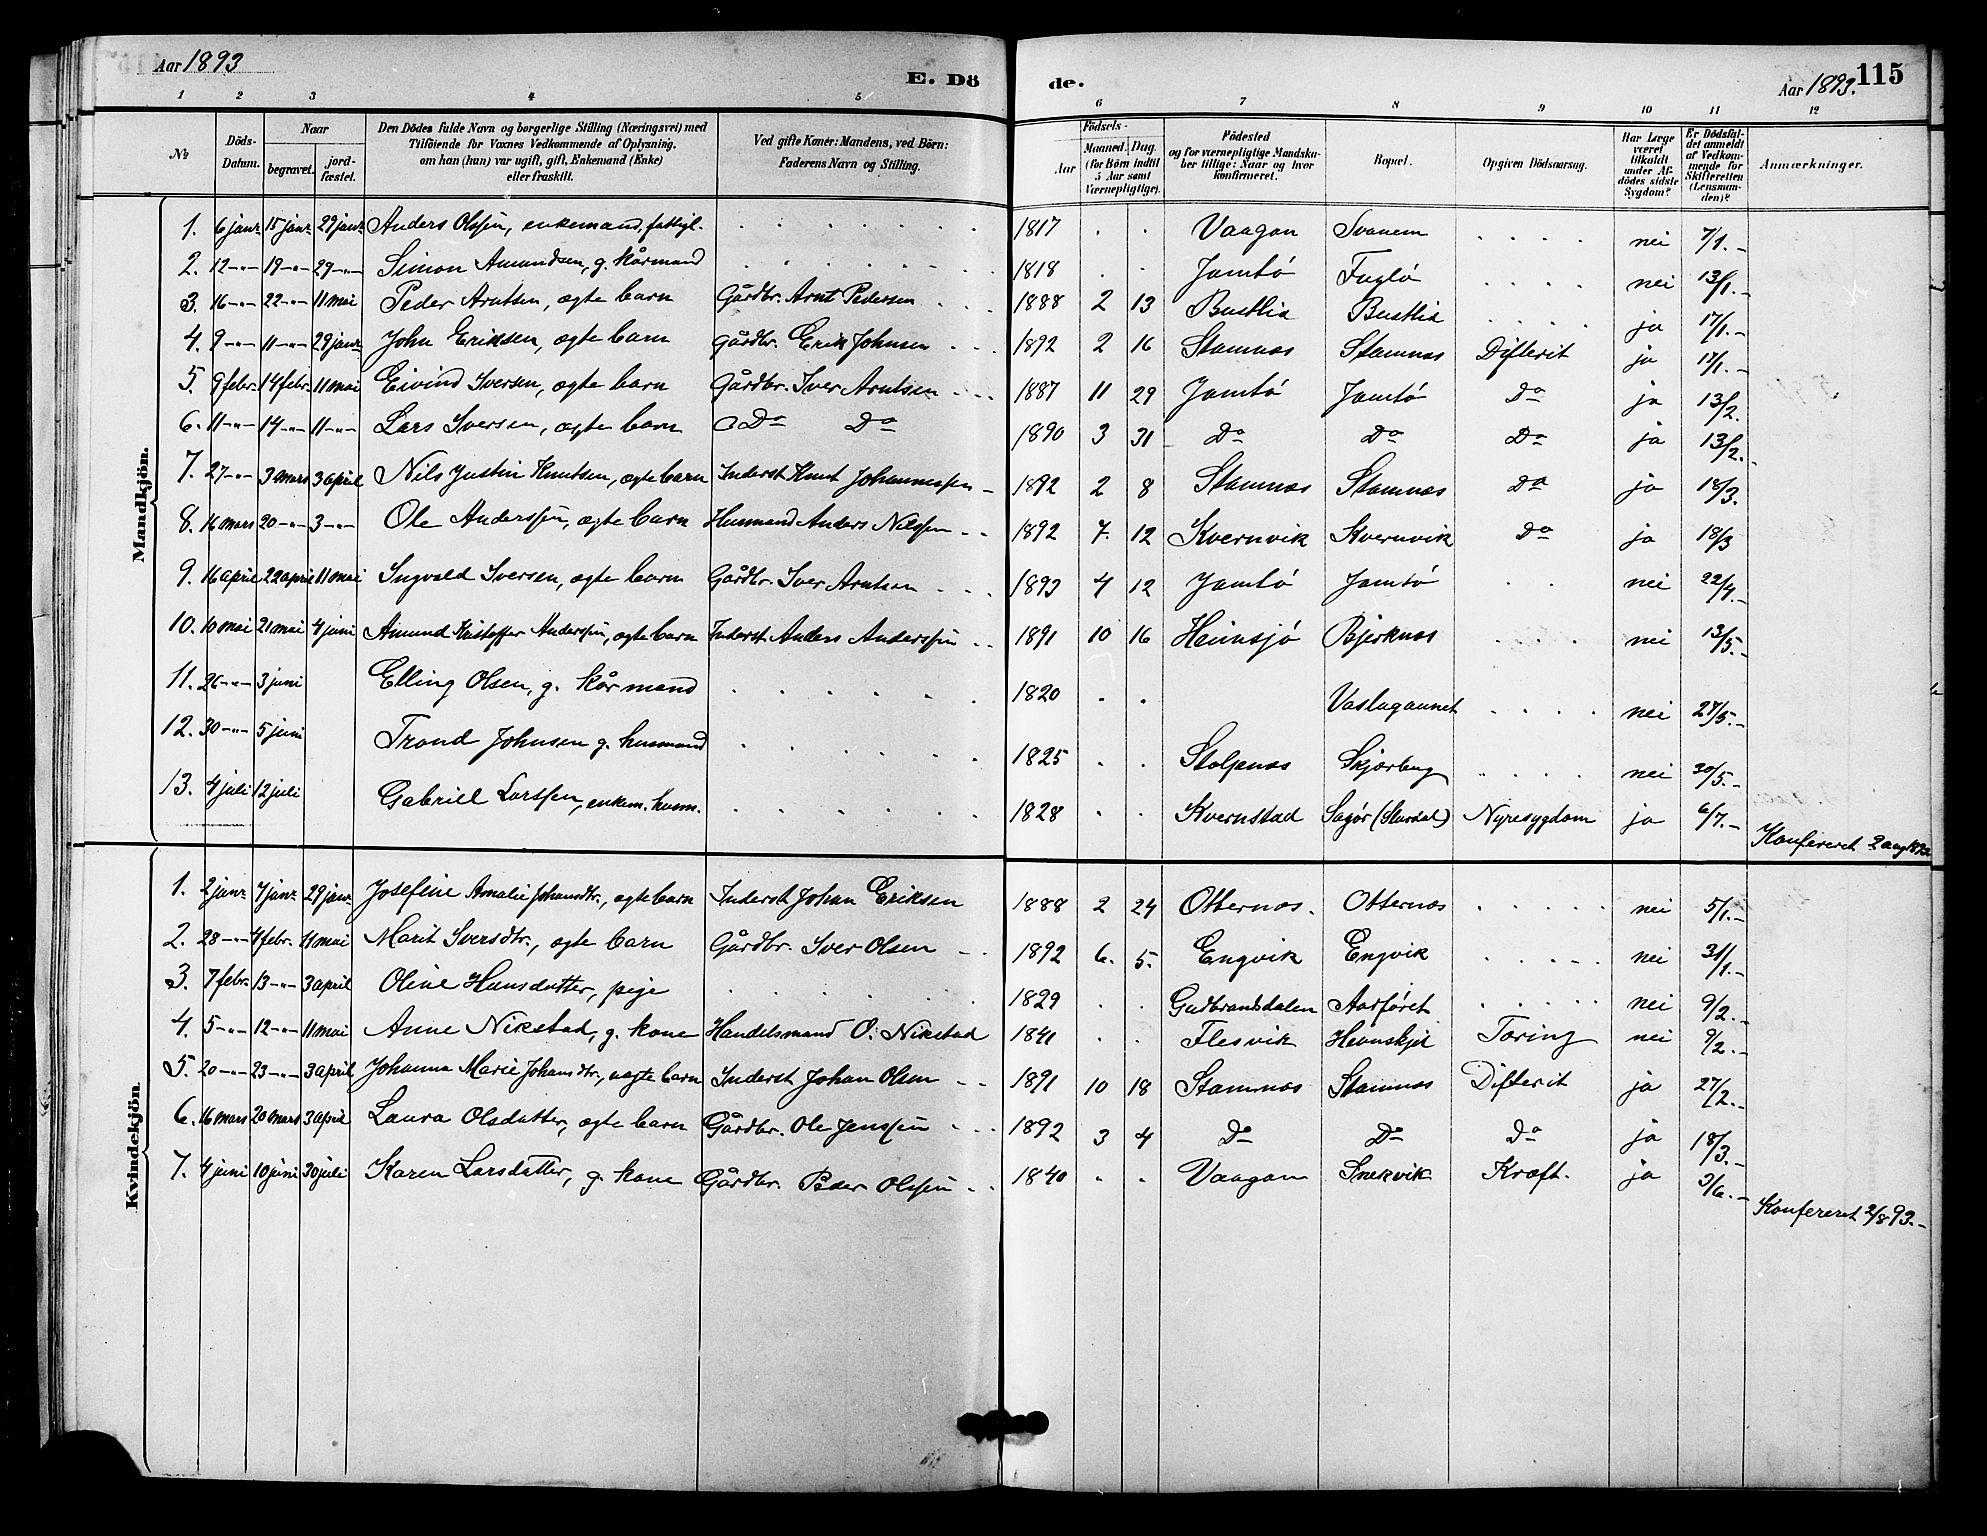 SAT, Ministerialprotokoller, klokkerbøker og fødselsregistre - Sør-Trøndelag, 633/L0519: Klokkerbok nr. 633C01, 1884-1905, s. 115